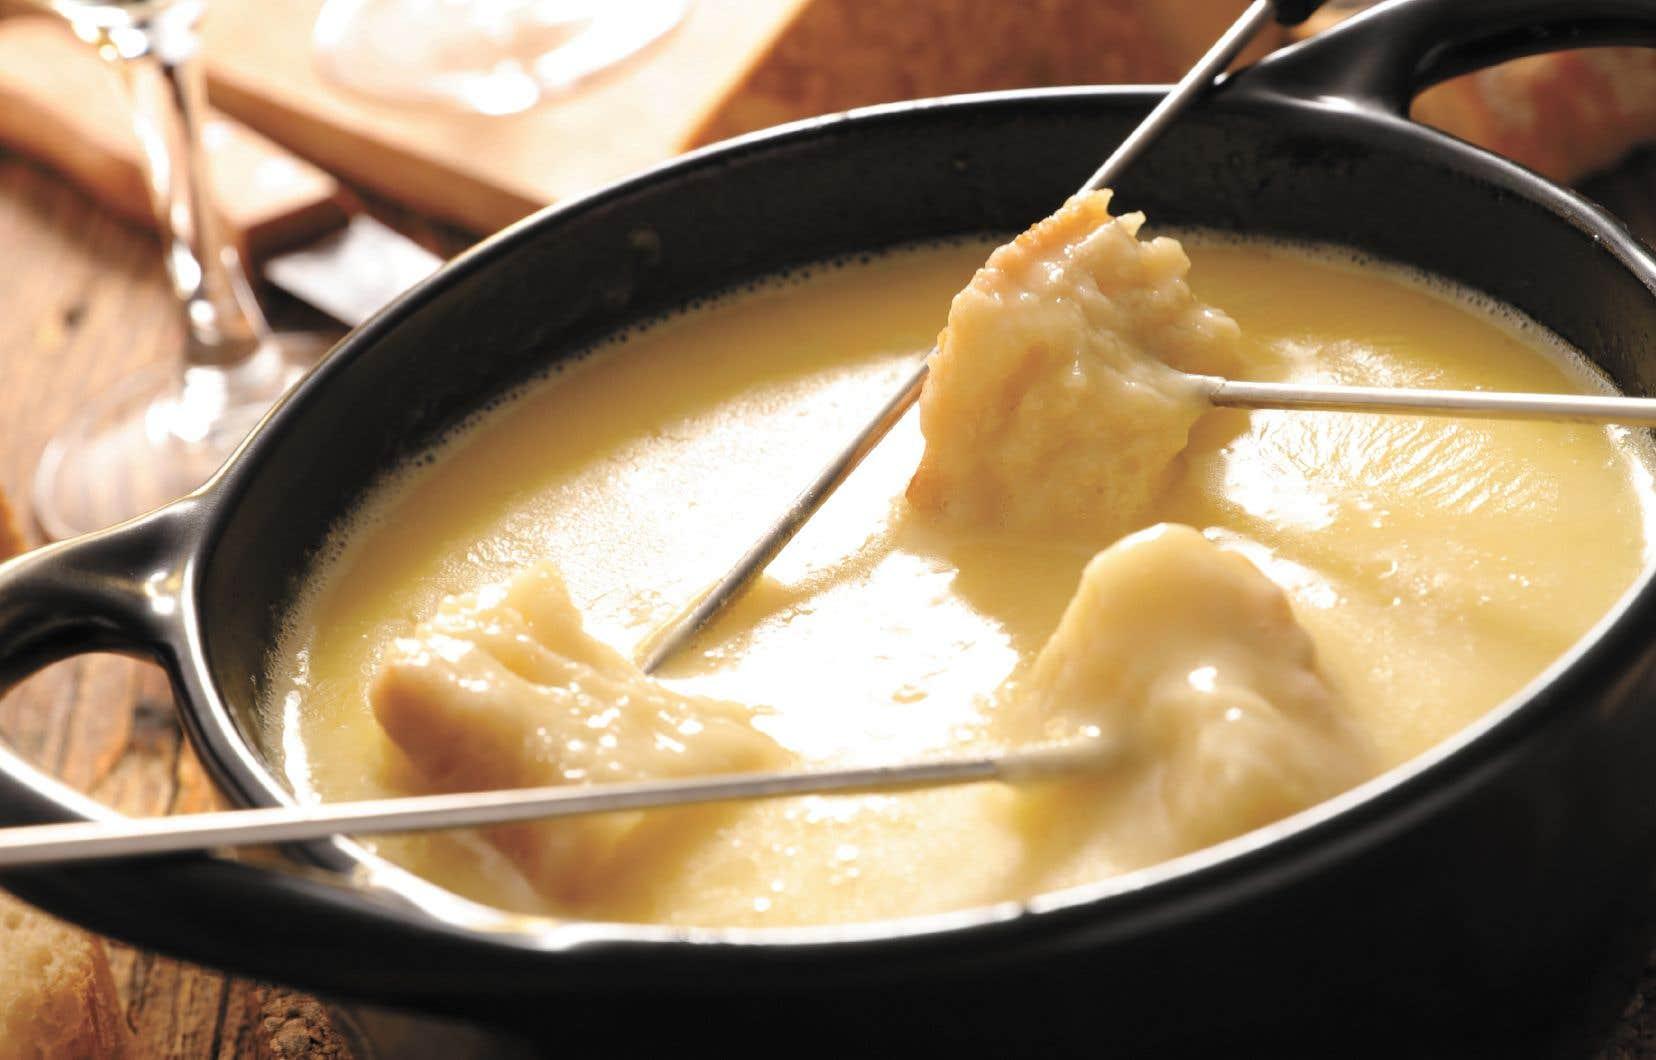 Le succès de la fondue en revient à sa nature même: mettre au centre de la table un plat chaud qui reste chaud est réconfortant depuis la nuit des temps.